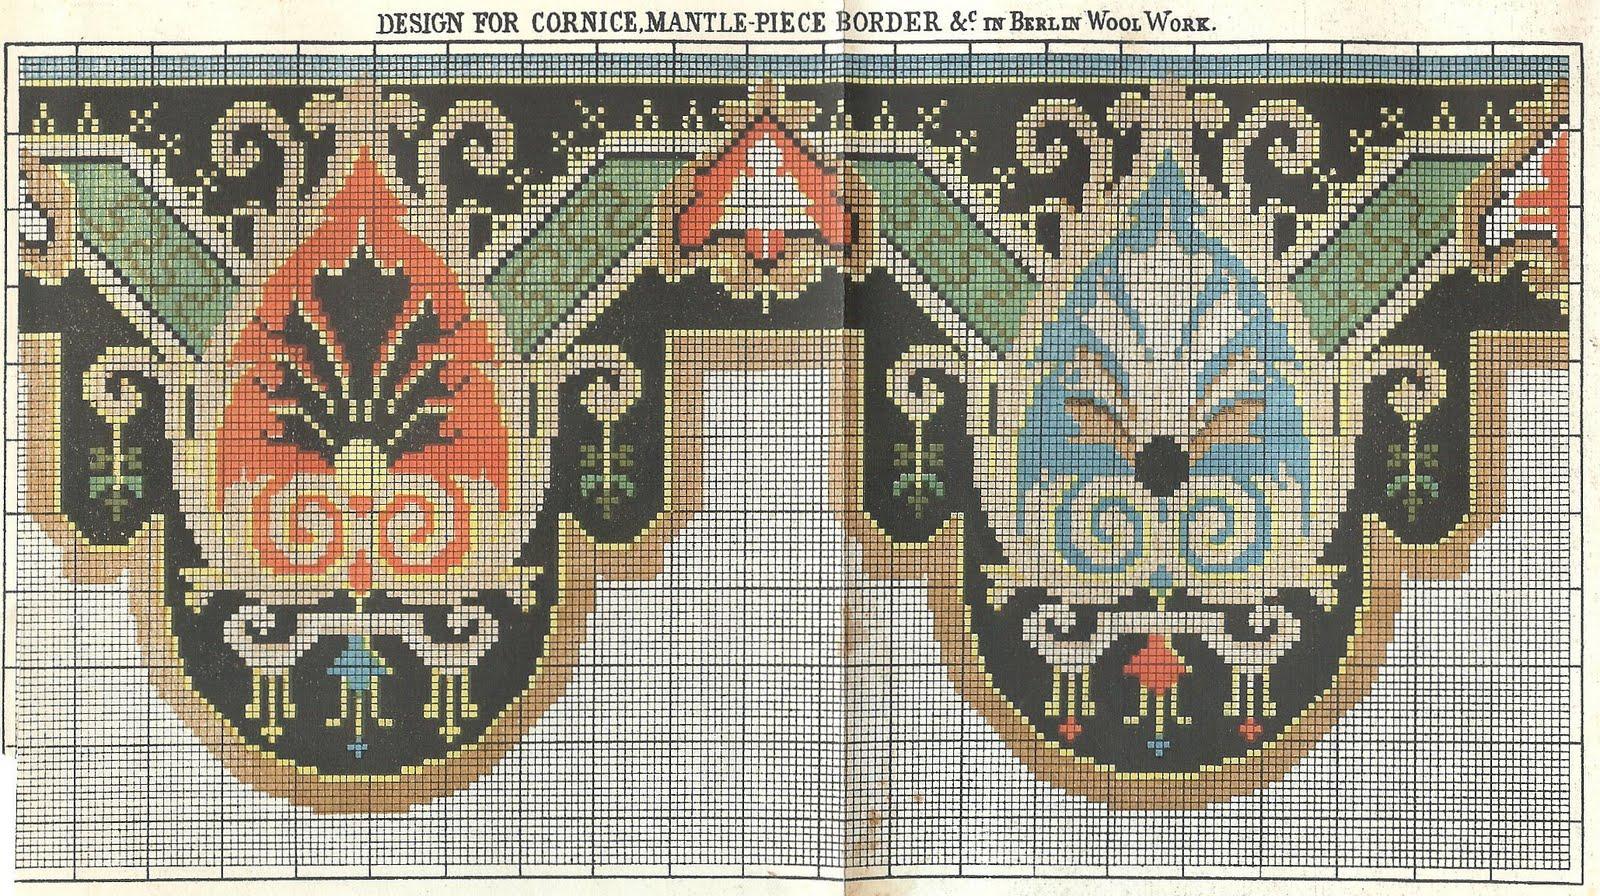 Antique Graphics - Bedtime Prayers, Mantle Decor, Ads & Alphabet